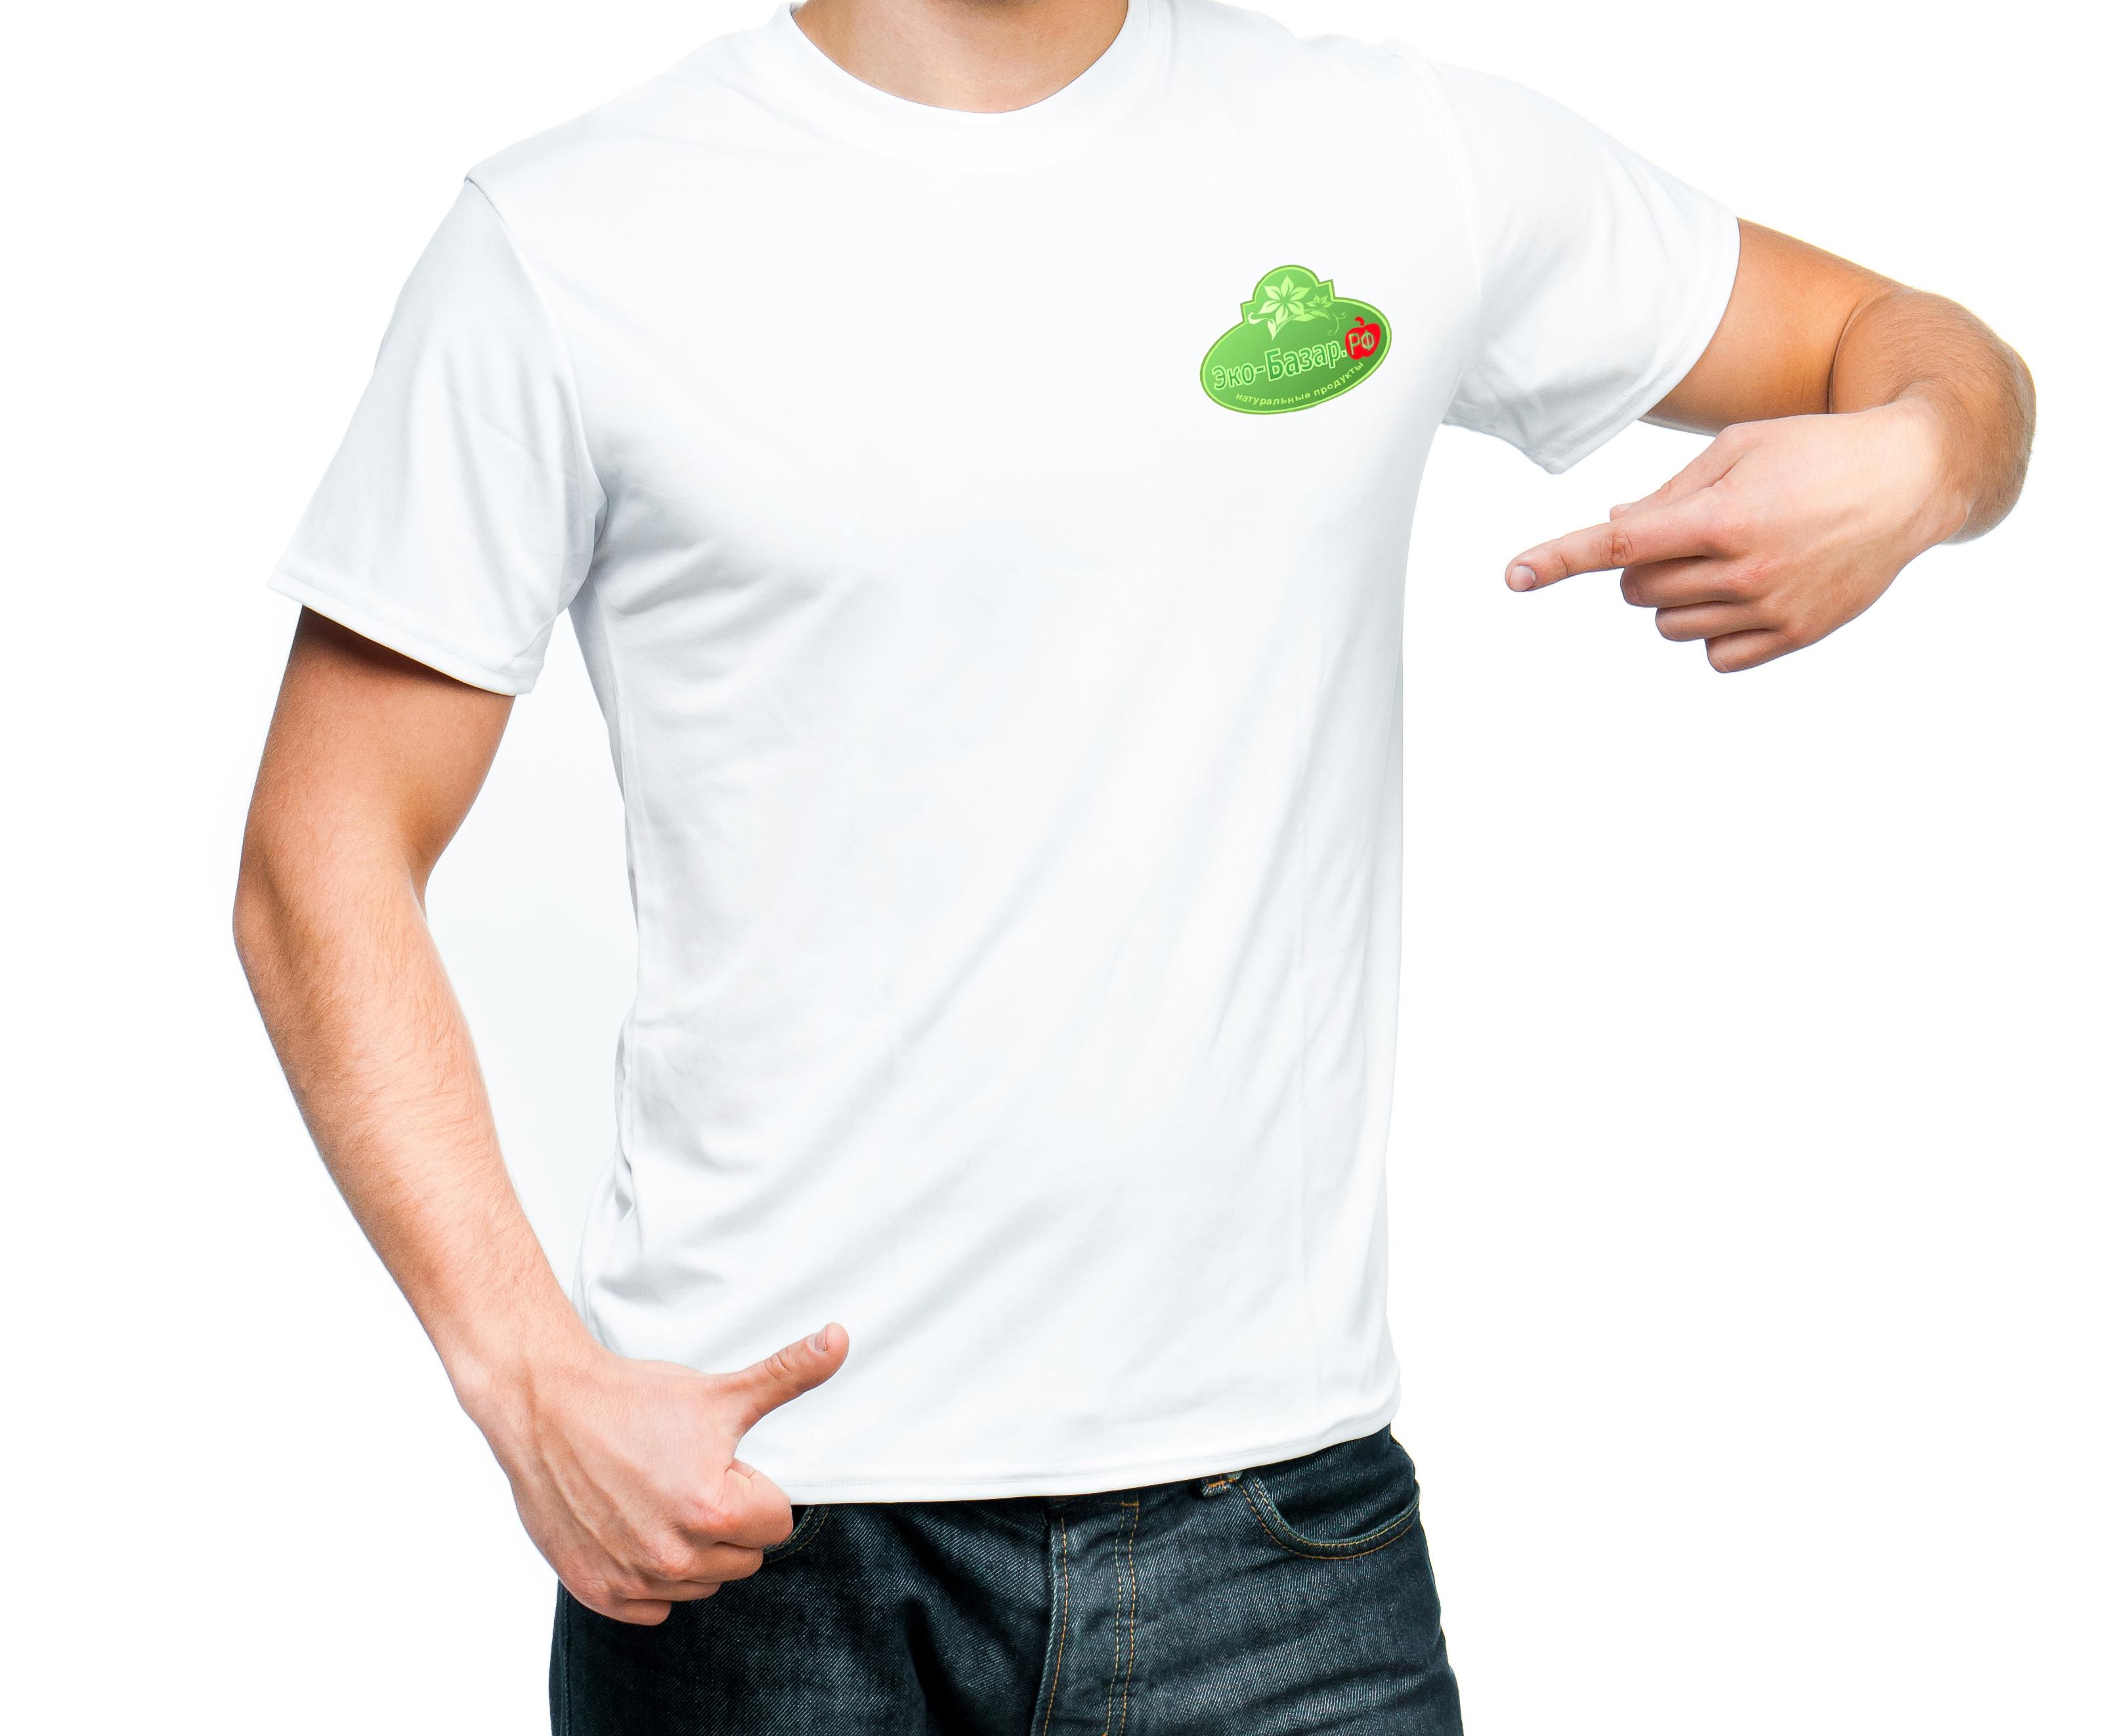 Логотип компании натуральных (фермерских) продуктов фото f_902593fdc2451cf0.jpg